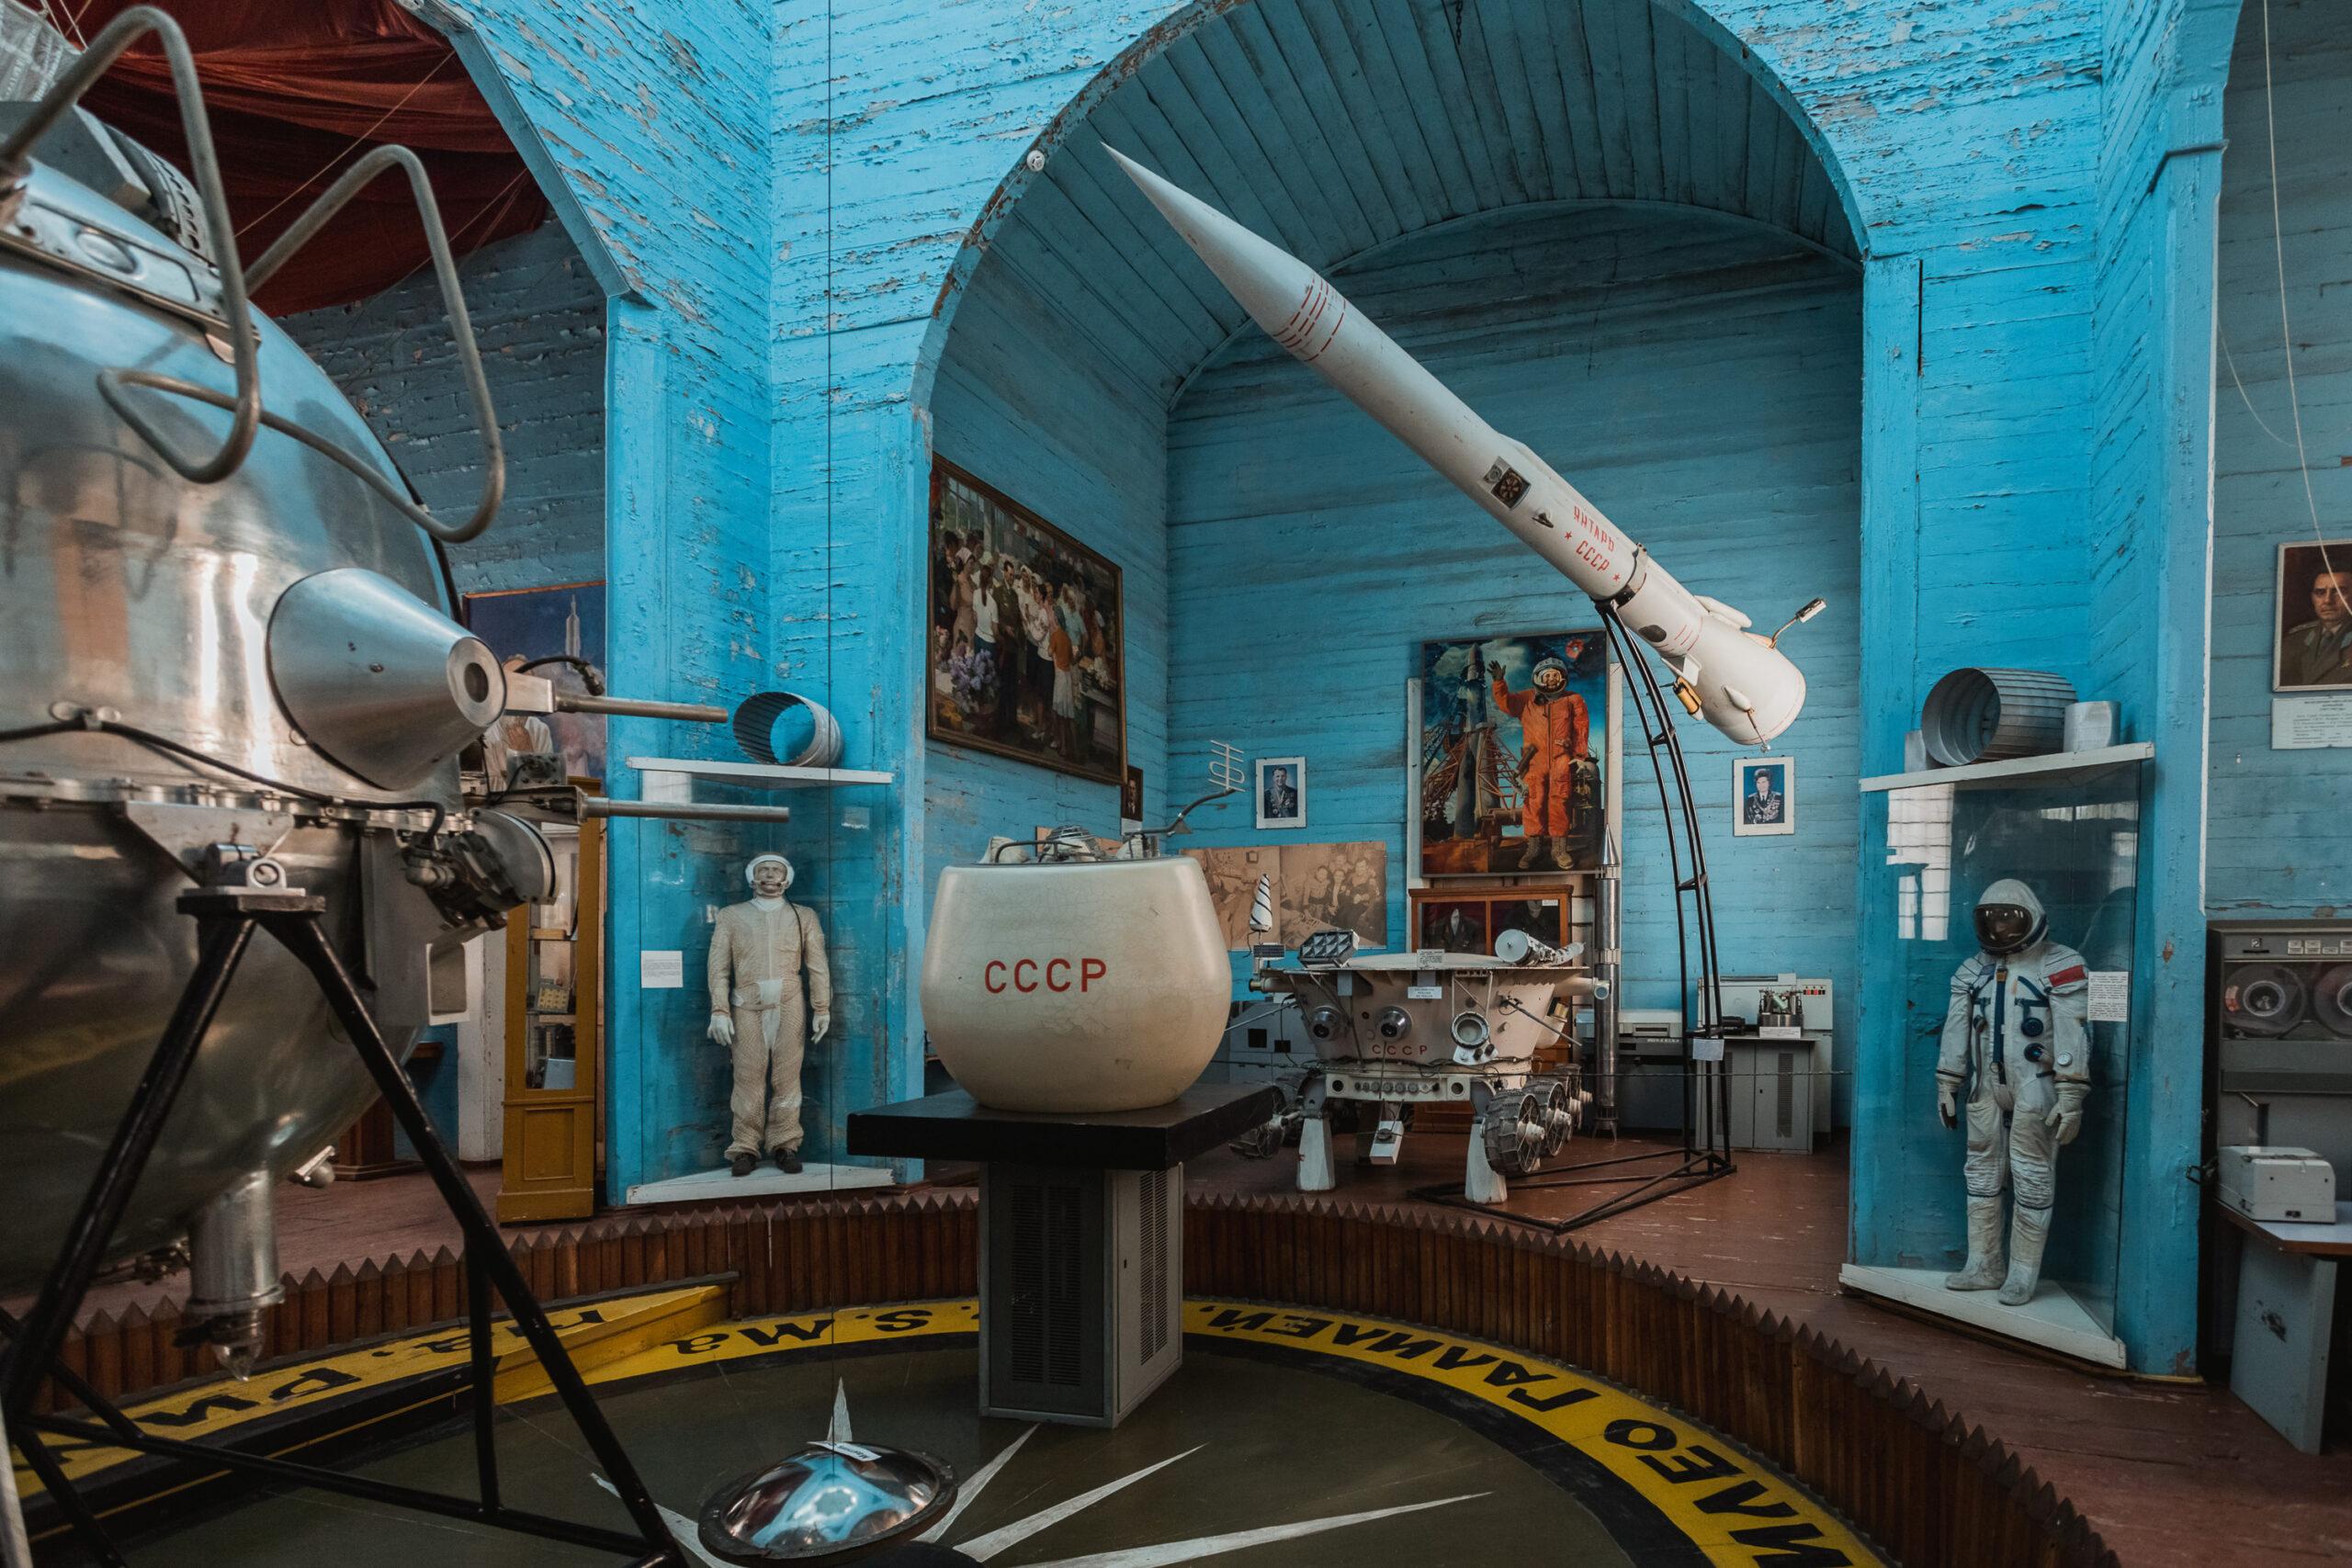 Музей космоса, радиостанция, штаб КГБ. Чем в СССР были здания храмов Украины